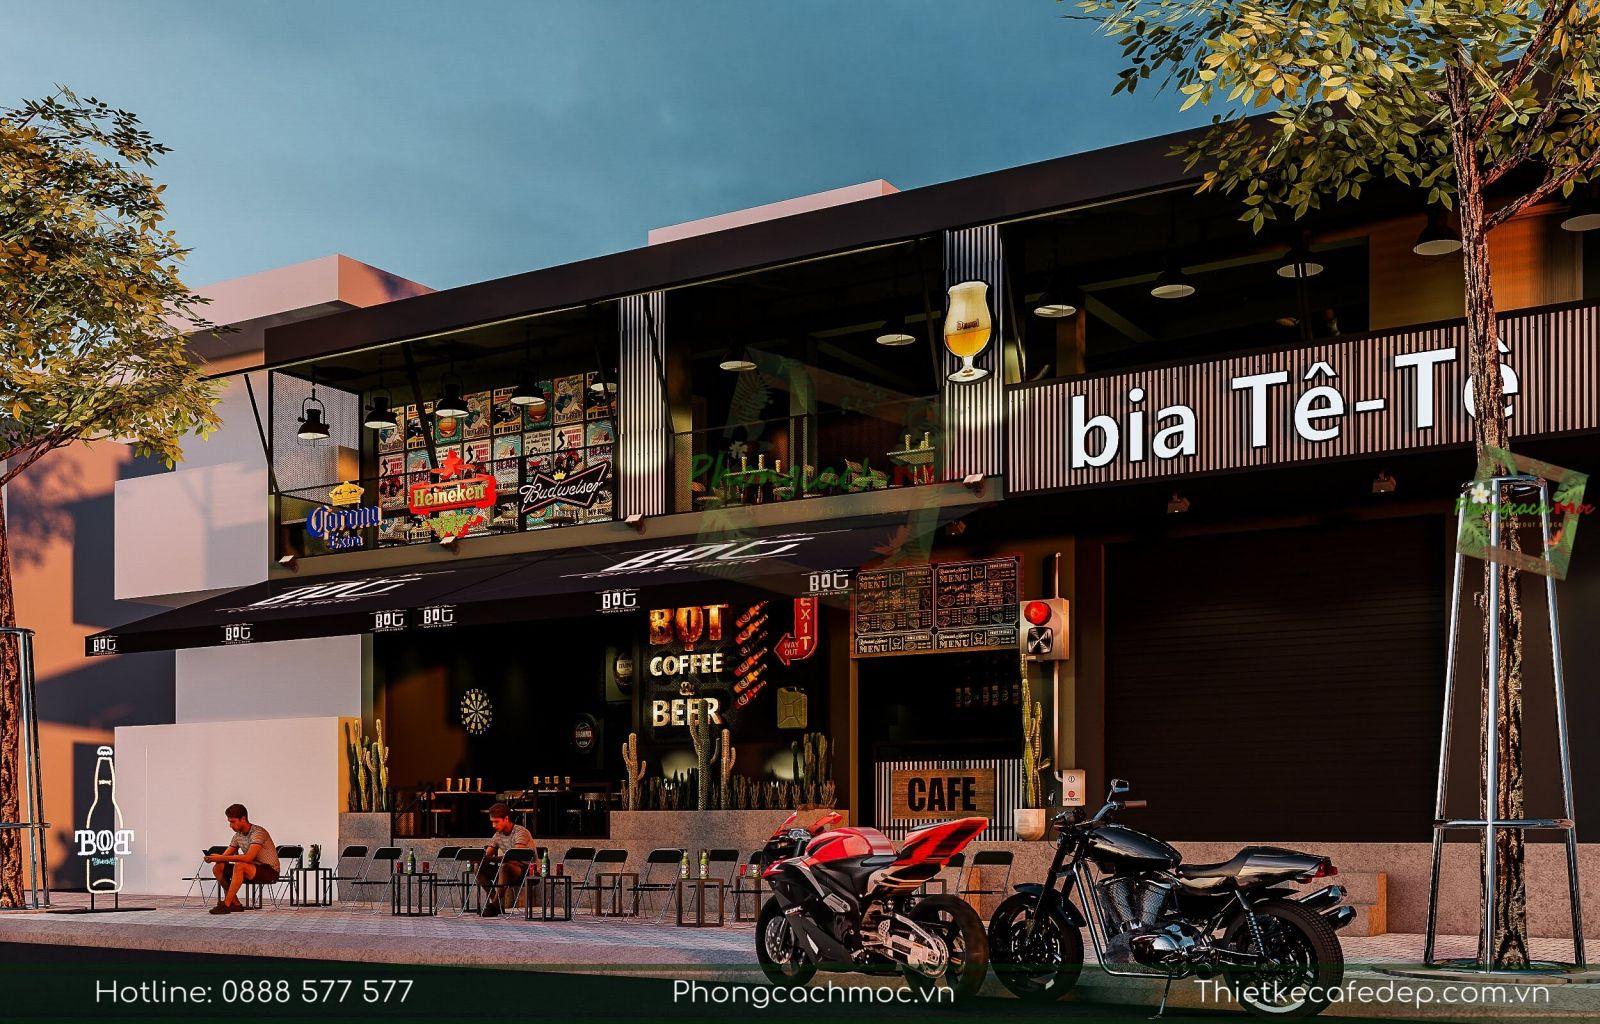 pcm thiết kế quán cafe kết hợp bia bọt coffee and beer tại phạm văn đồng, gò vấp